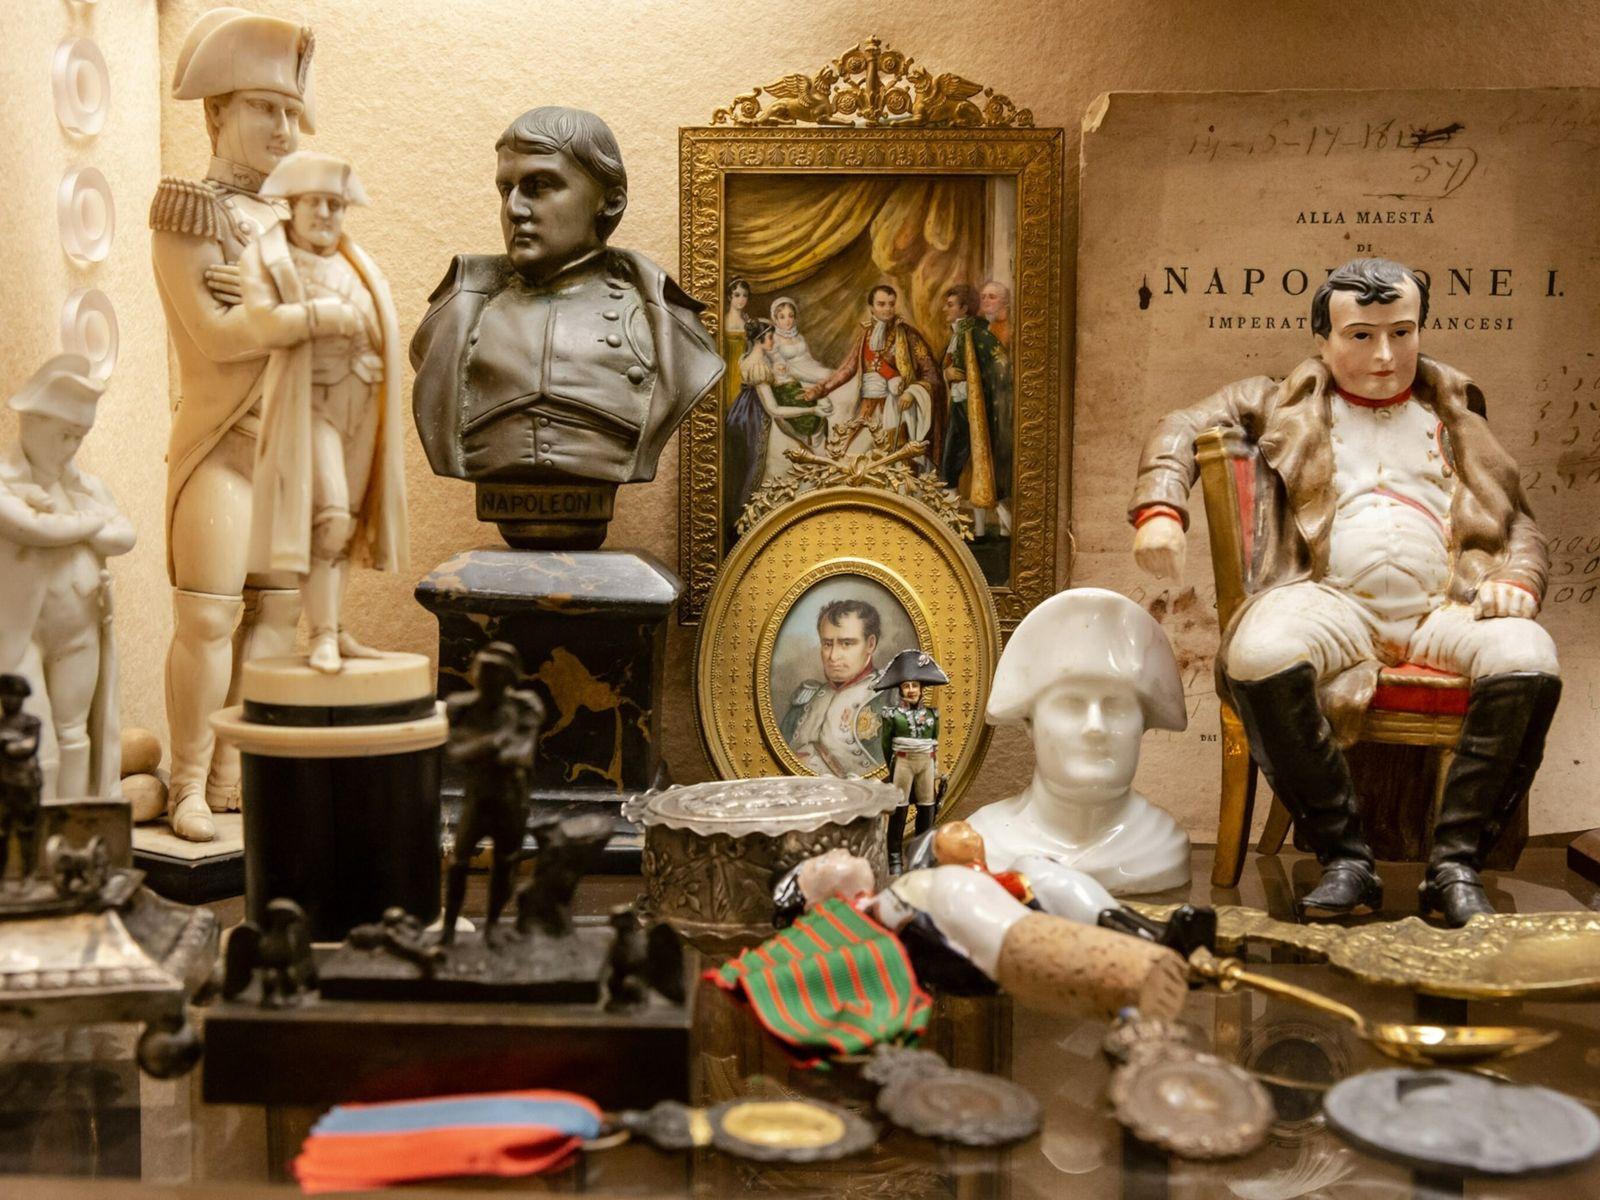 Napoleon Bonaparte starb am 5. Mai 1821 auf St. Helena, einer abgelegenen Insel inmitten des Südatlantiks, ...